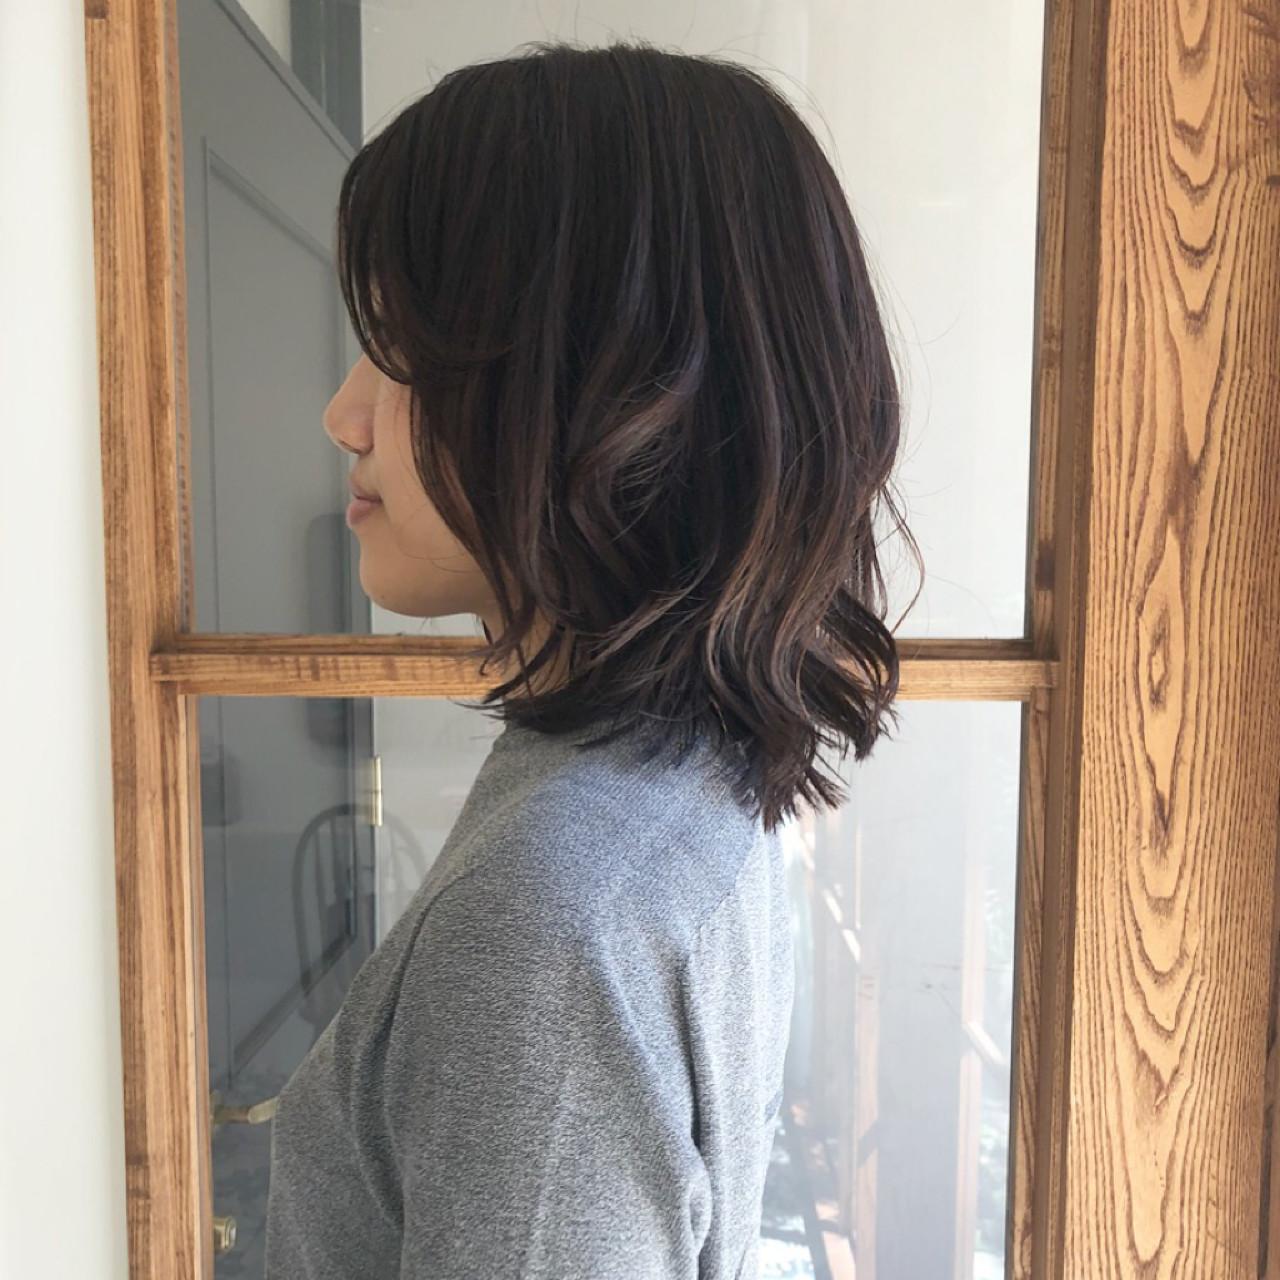 フェミニン ナチュラル 抜け感 オフィス ヘアスタイルや髪型の写真・画像